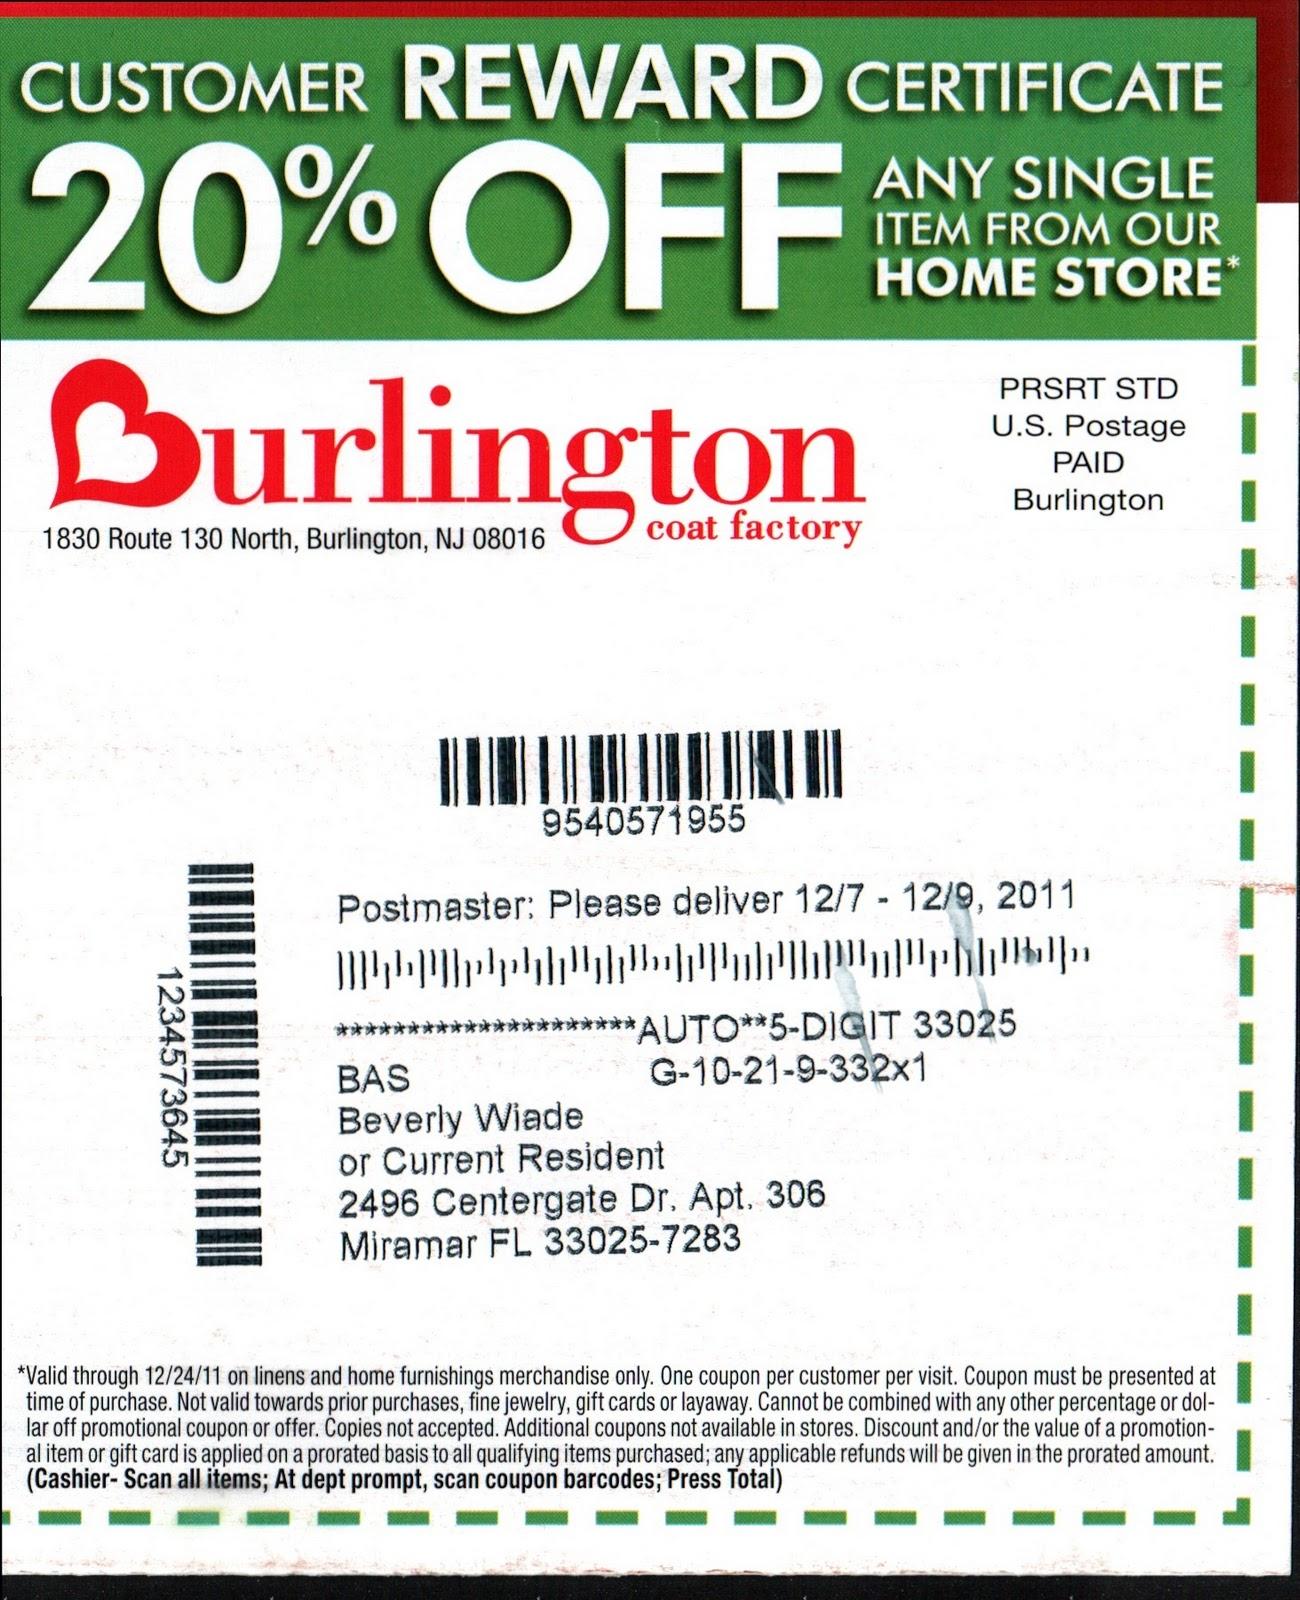 1a1118b5311 Burlington coat factory baby depot coupon codes - Staples coupon 73144